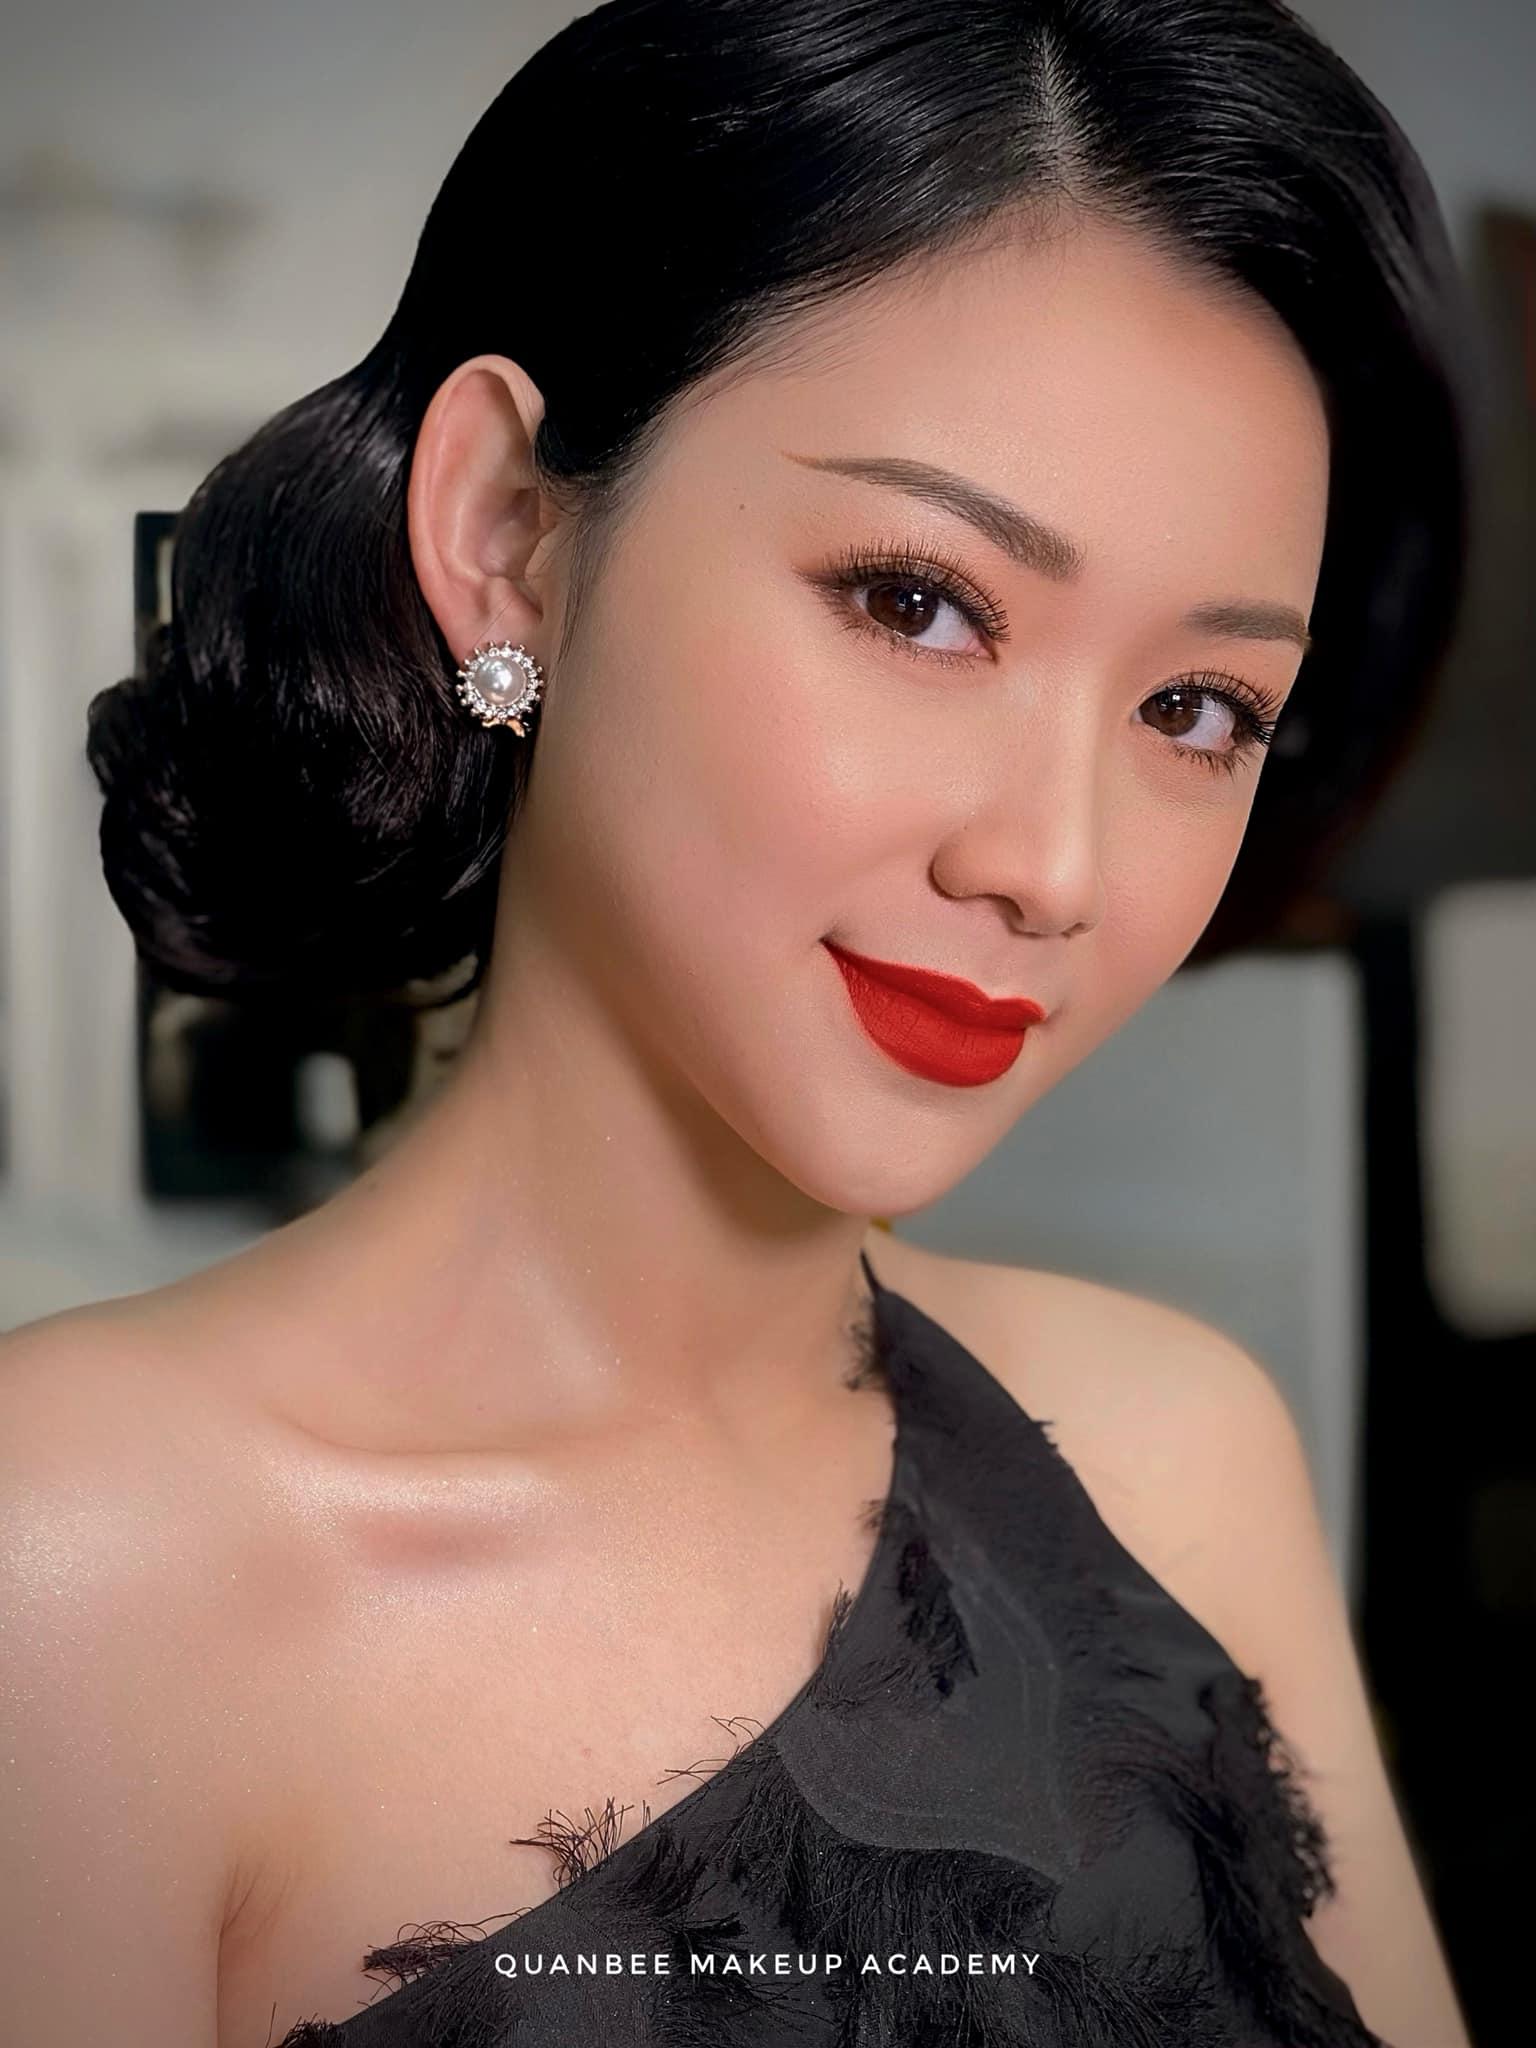 Top 7 tiệm trang điểm cô dâu đẹp nhất tại Hà Nội -  Quanbee Make-Up